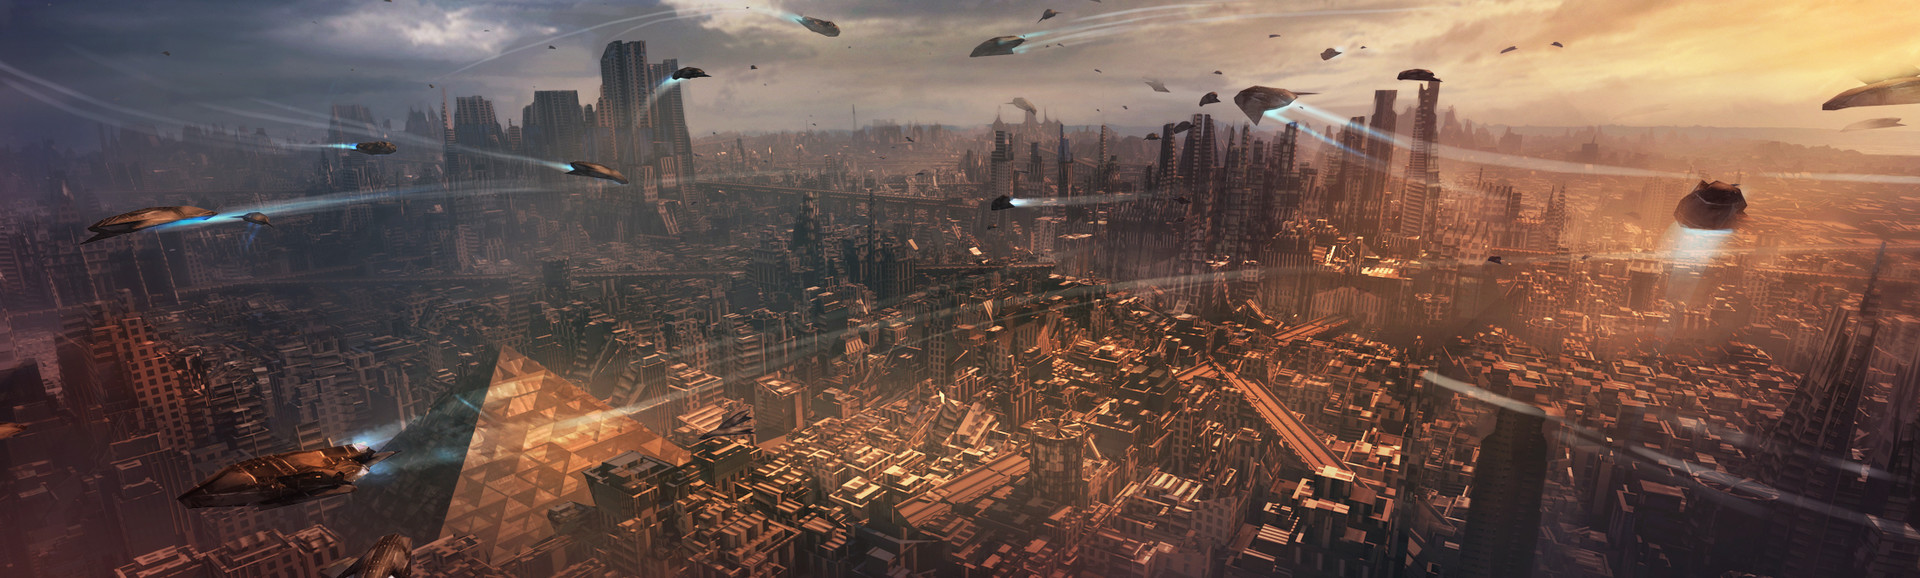 maxime-delcambre-sci-fi-city-md-bannerjpg